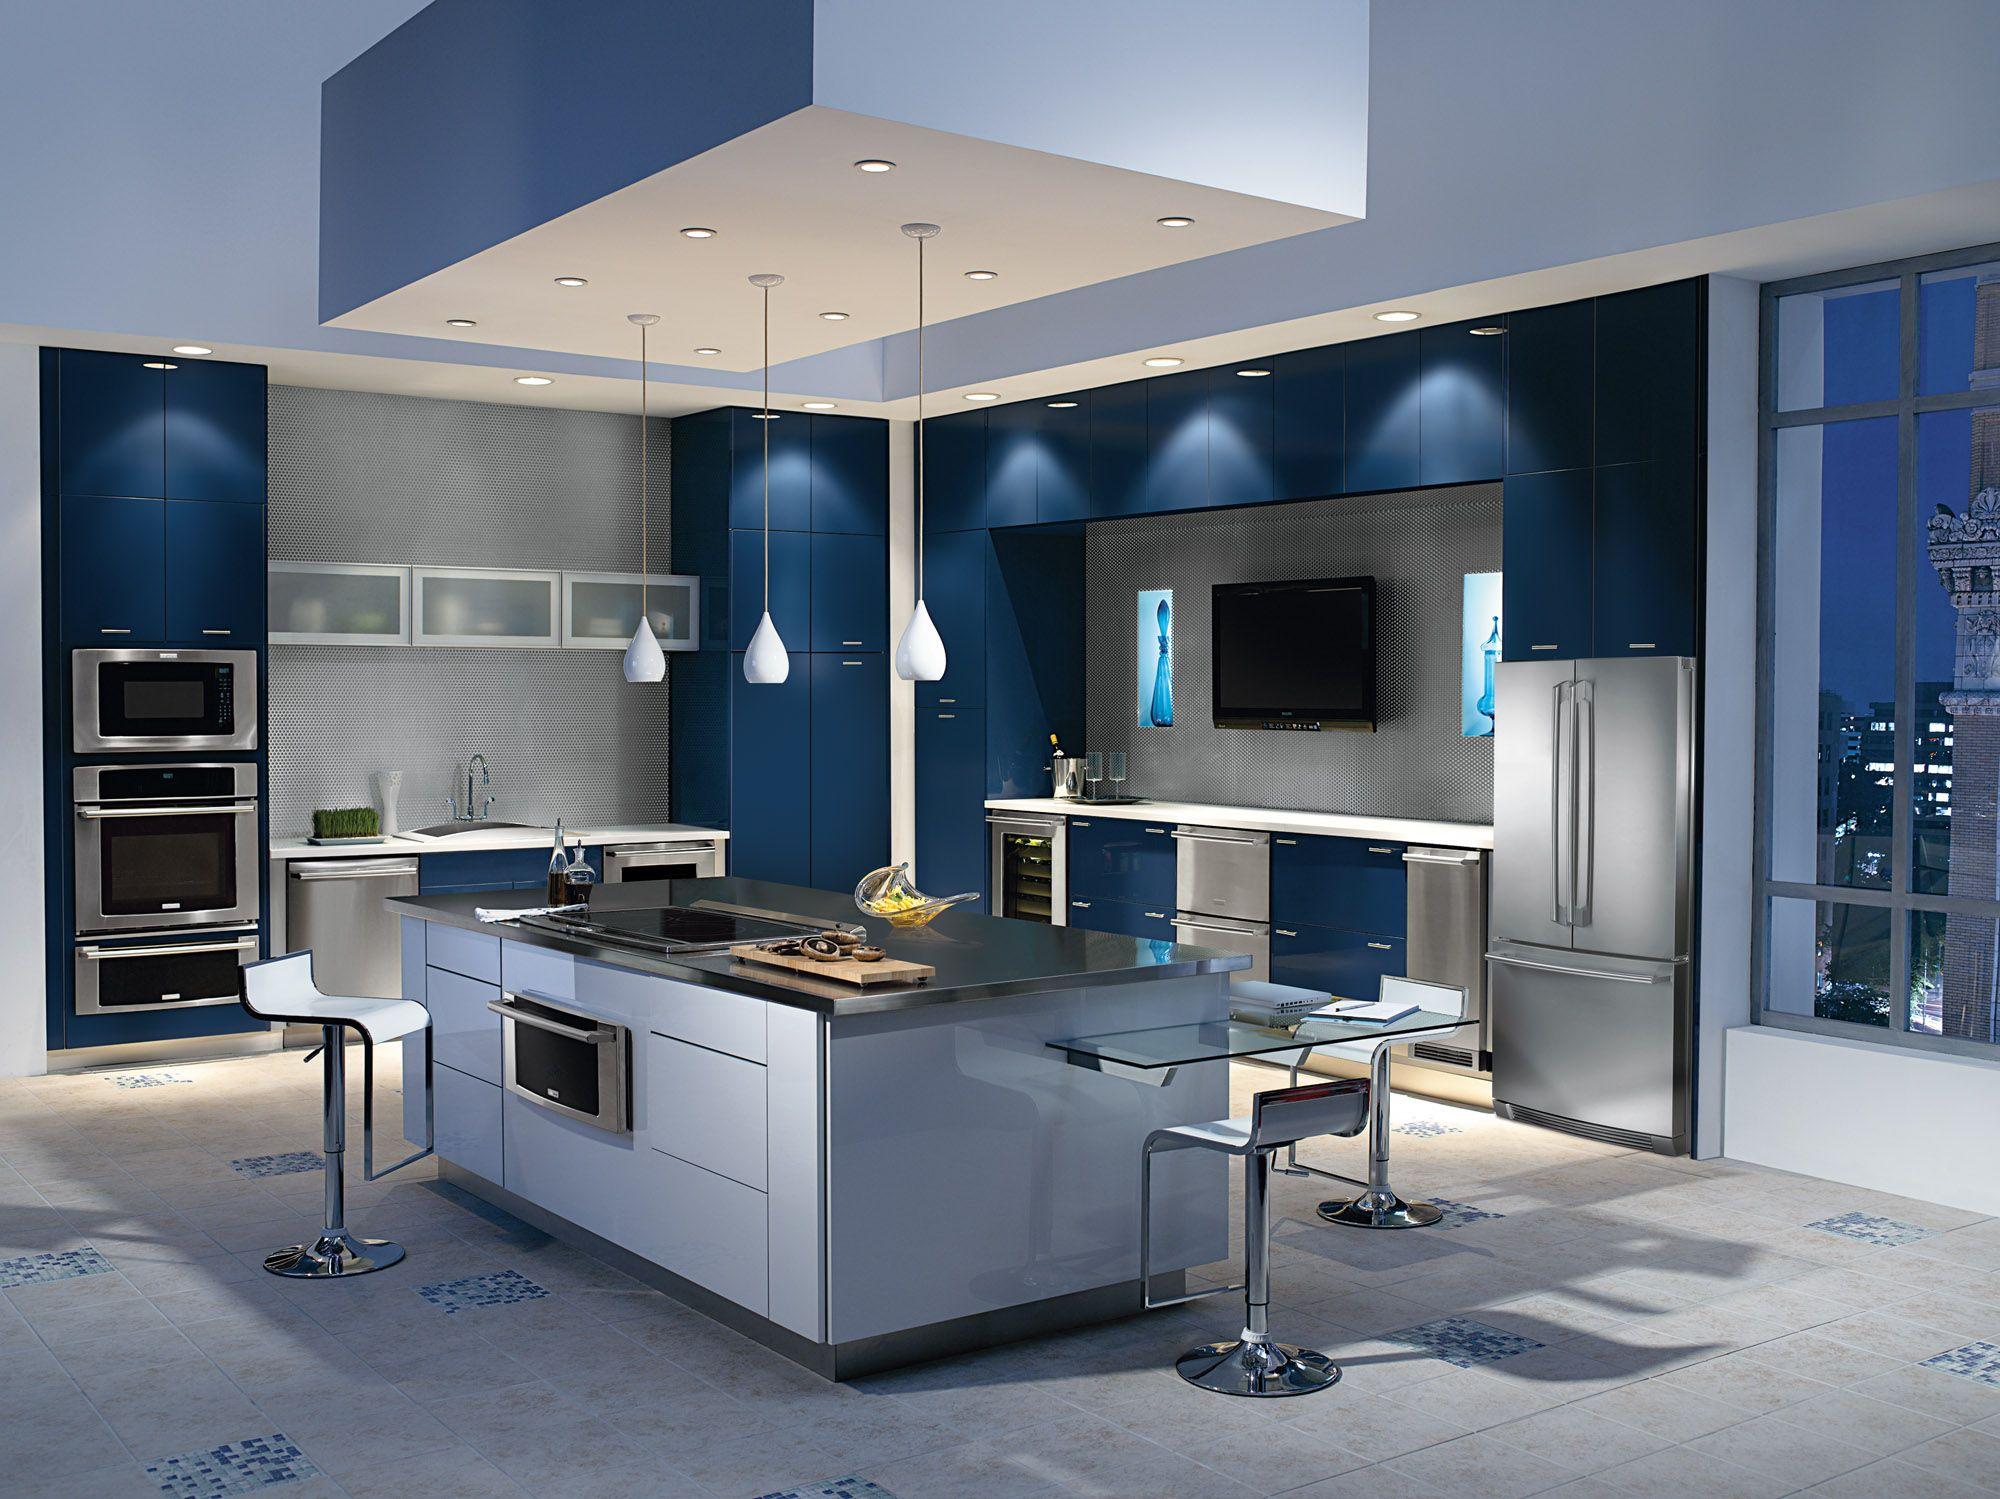 High End Kitchen Cabinet Designs High End Kitchen Design panies